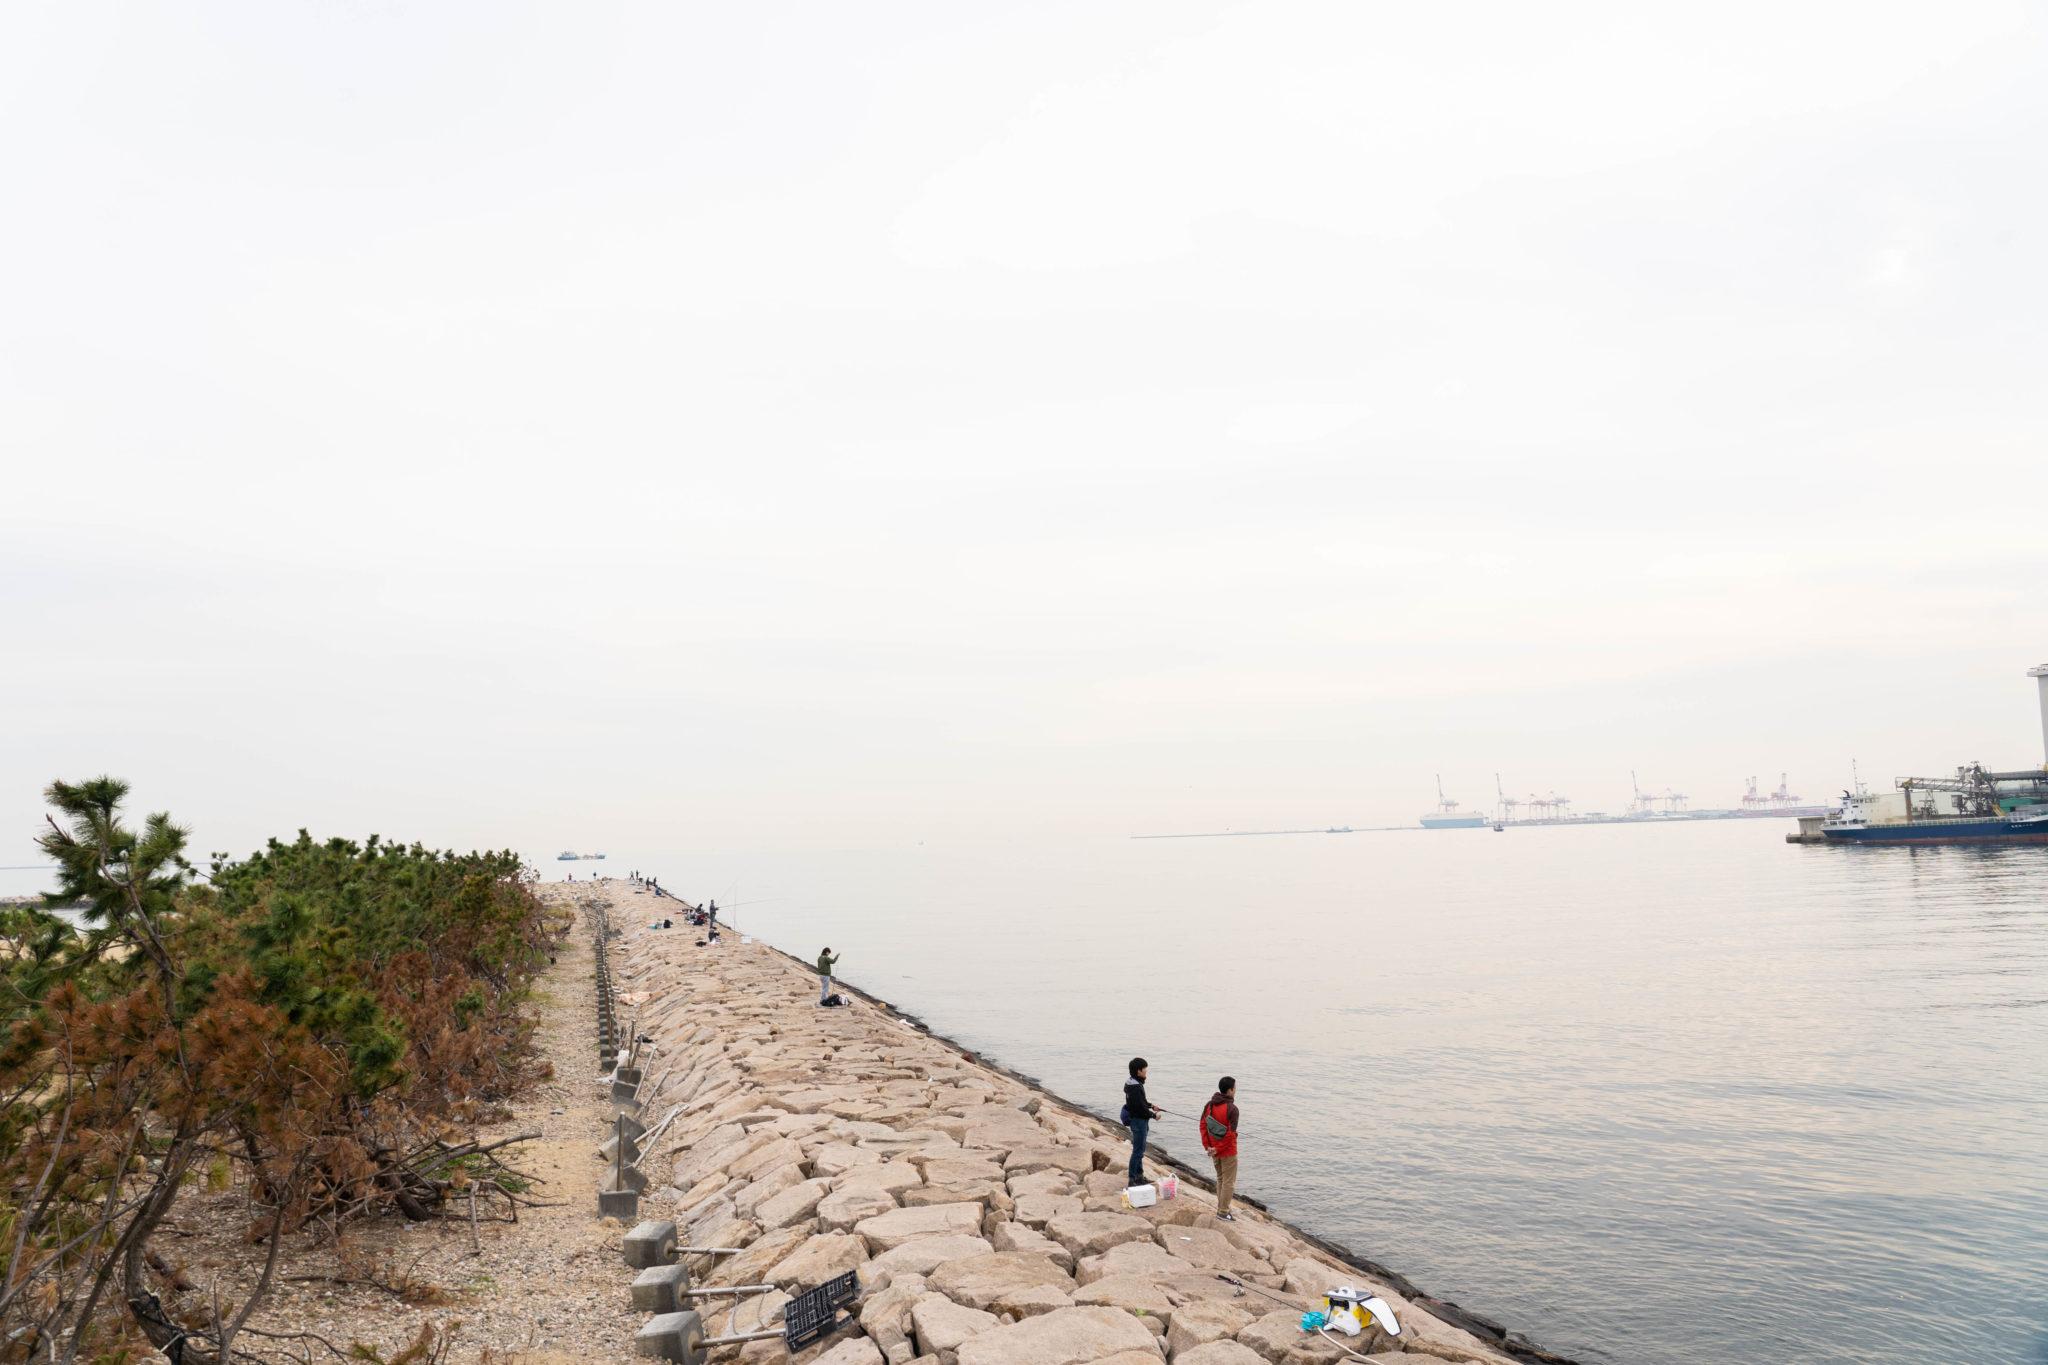 【台風後調査】南芦屋浜ベランダの釣りポイント・アクセス・設備(トイレ・駐車場)まとめ